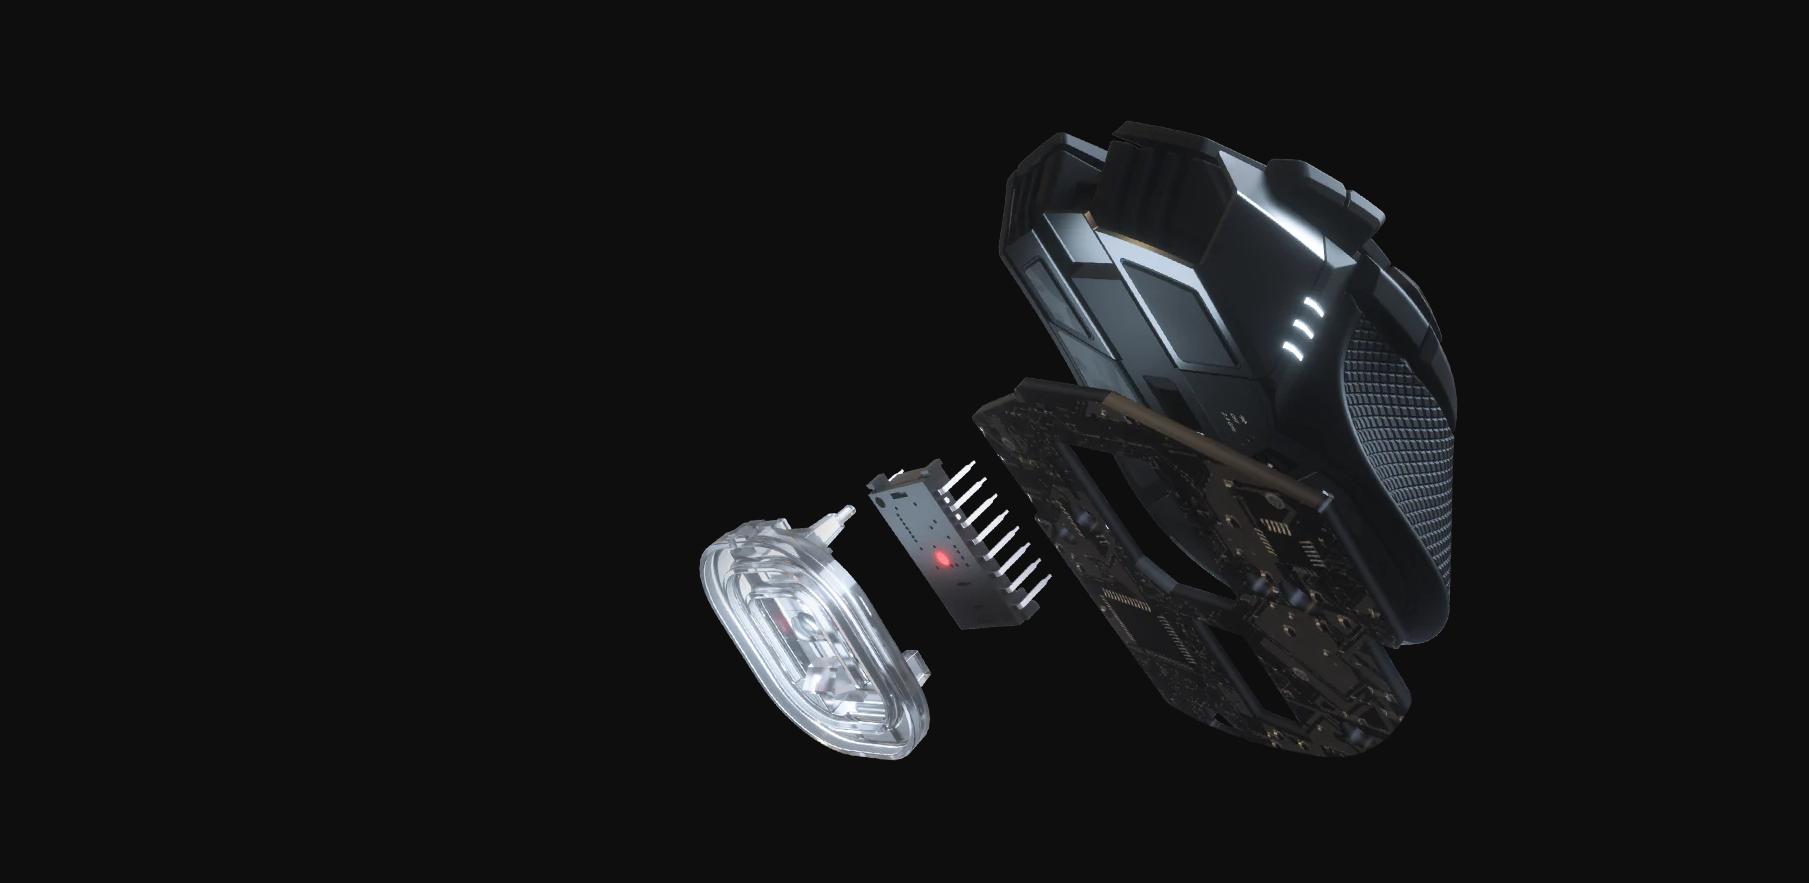 Chuột không dây Corsair Iron claw RGB (USB/RGB/Đen) (CH-9317011-AP) trang bị mắt cảm biến cao cấp Pixart PMW3391